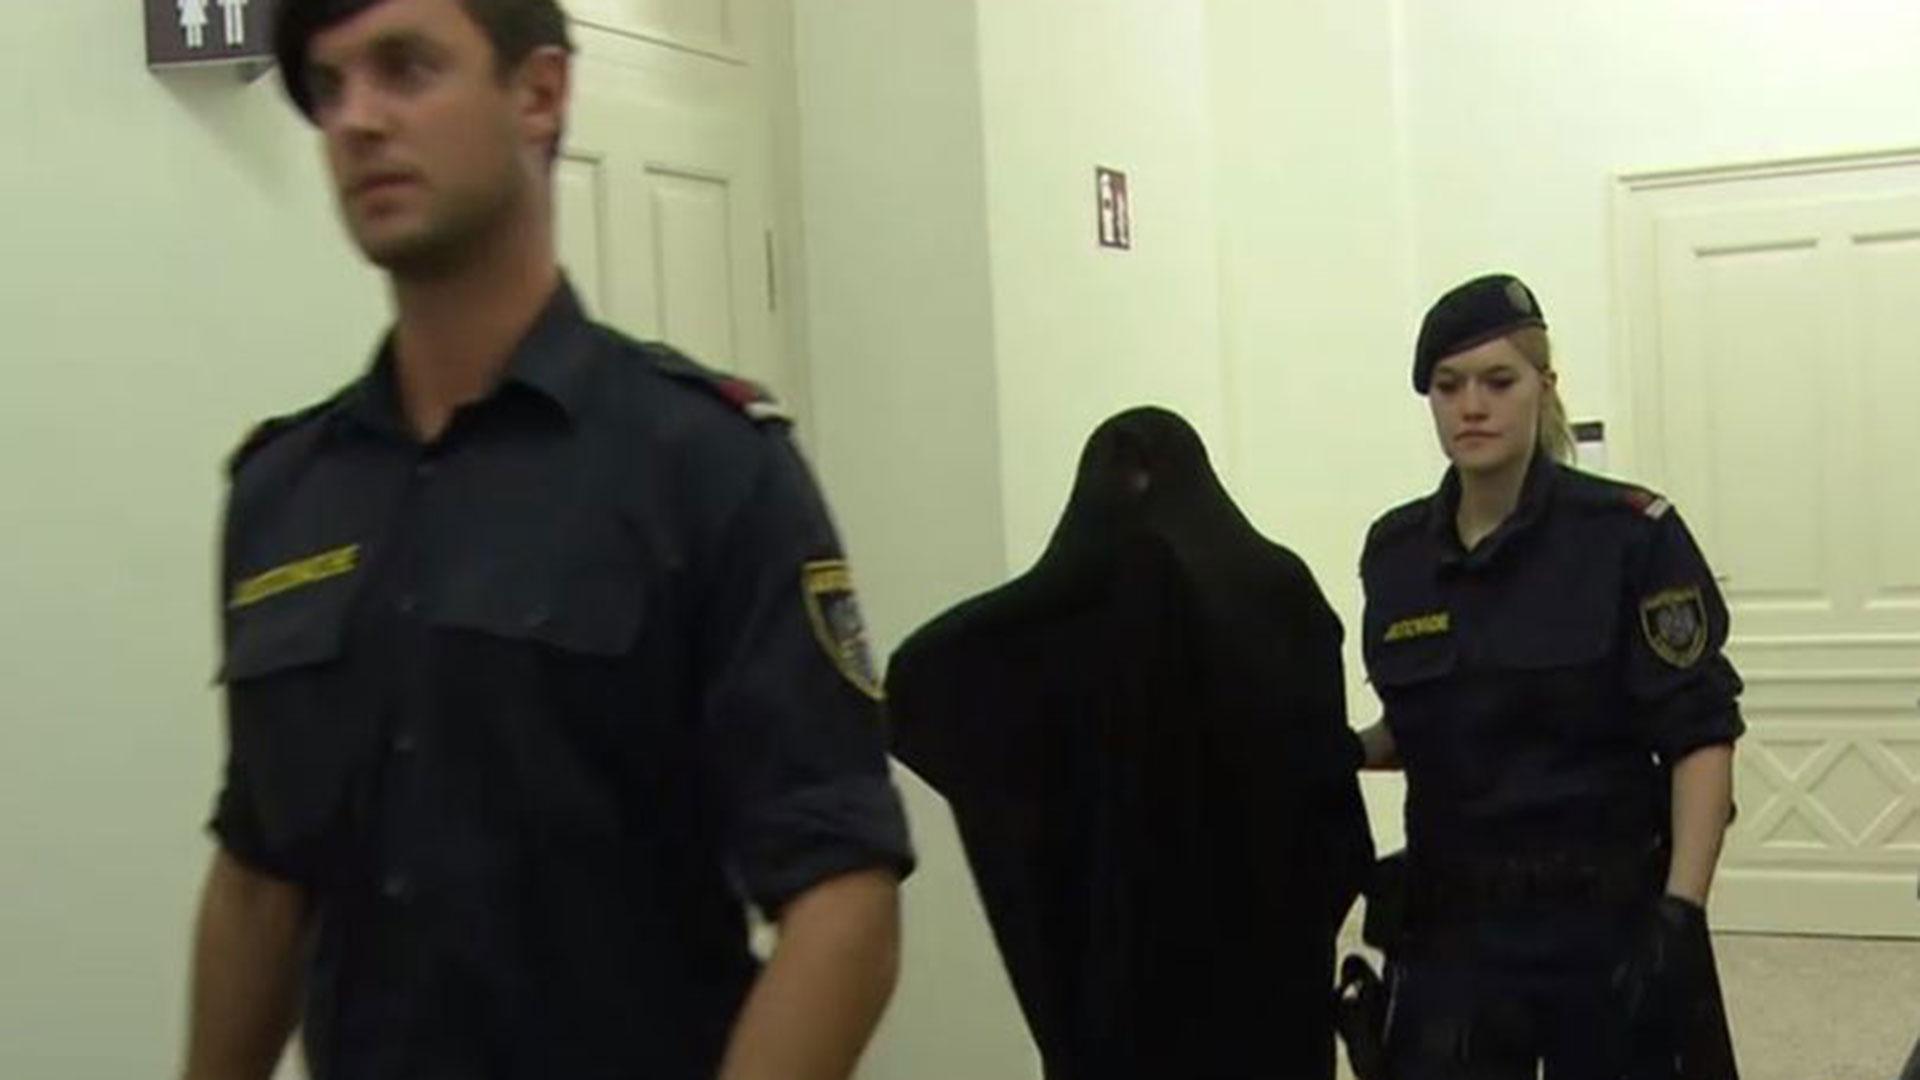 Durante el juicio en Austria decidió llevar una manta para cubrirse (Fotos: Especial Central European News)